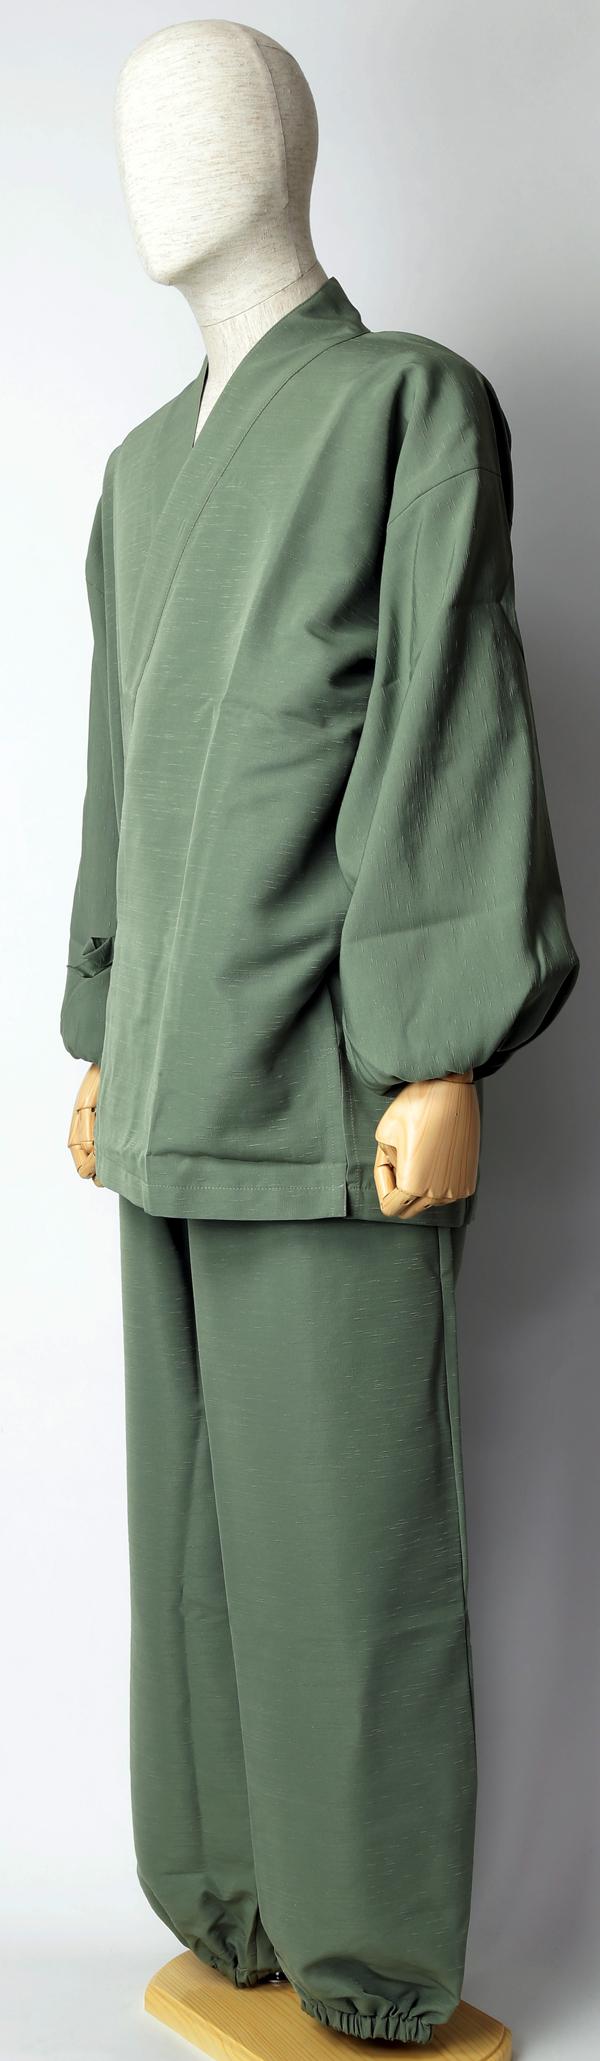 紬風織り仕立作務衣 利休色 正面